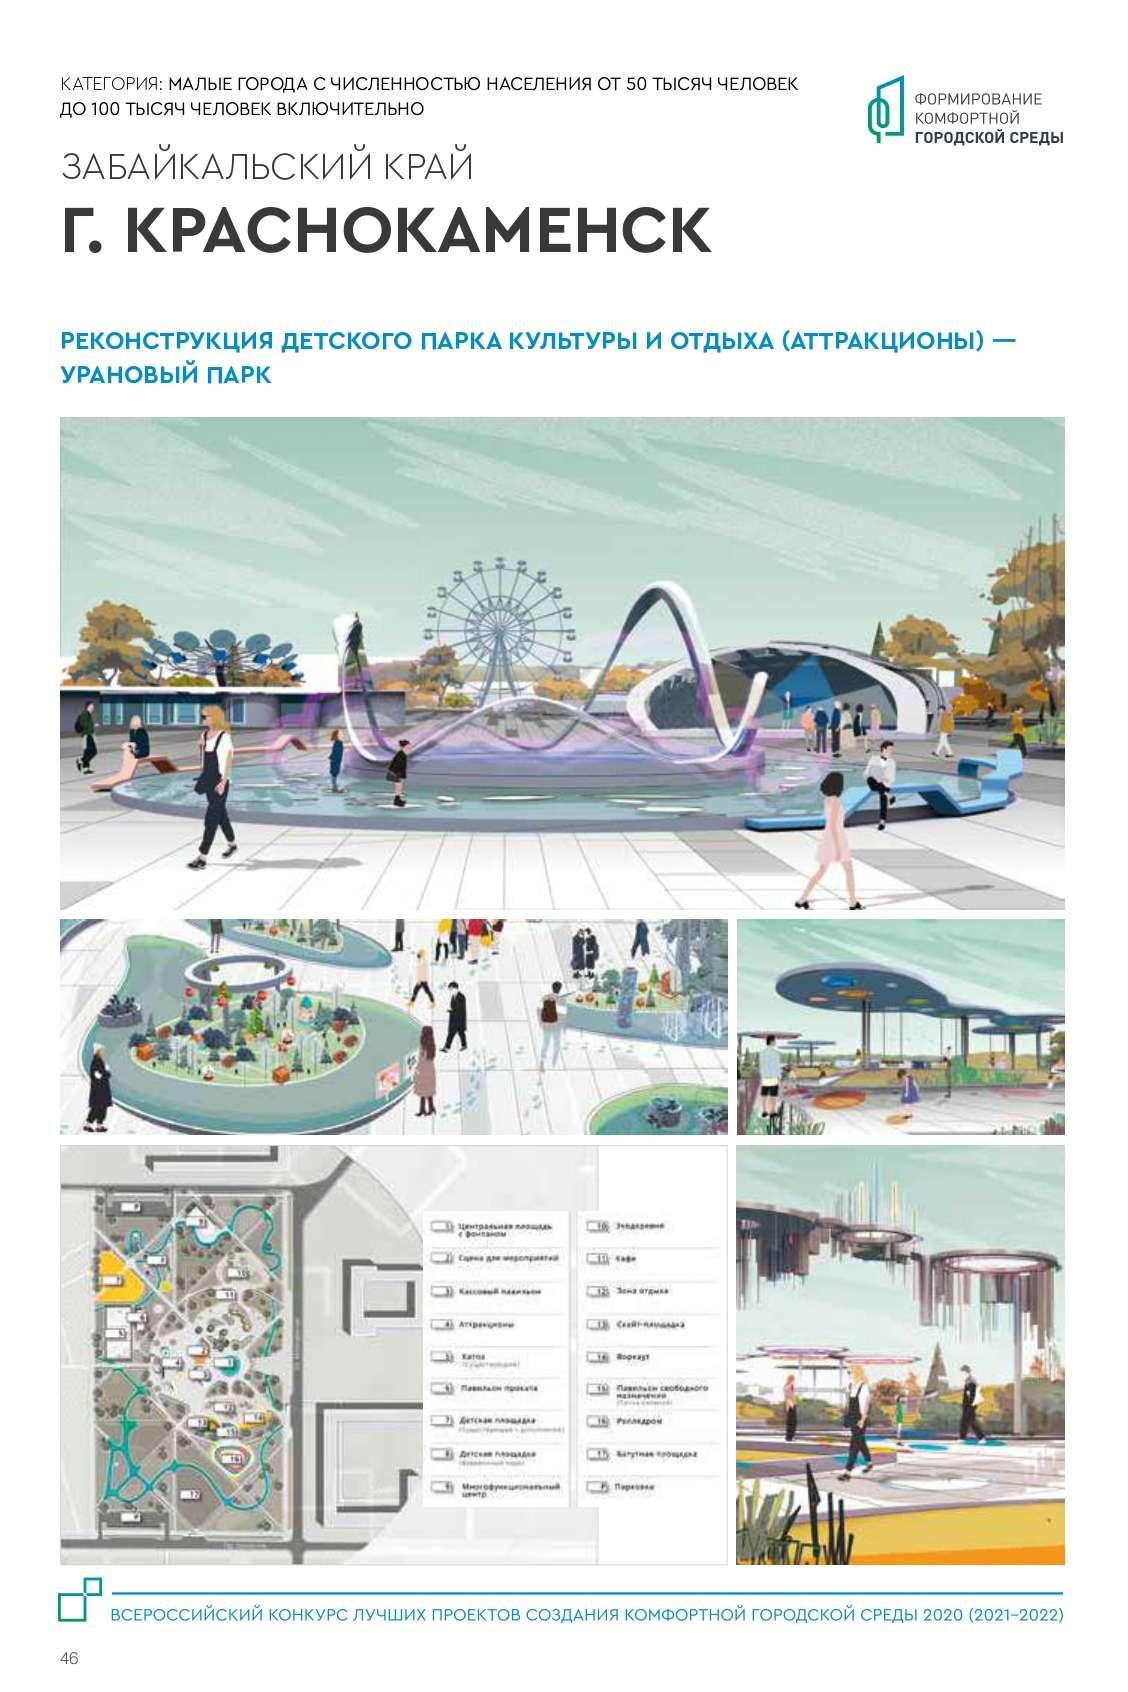 Краснокаменск. Малые города и исторические поселений 2021